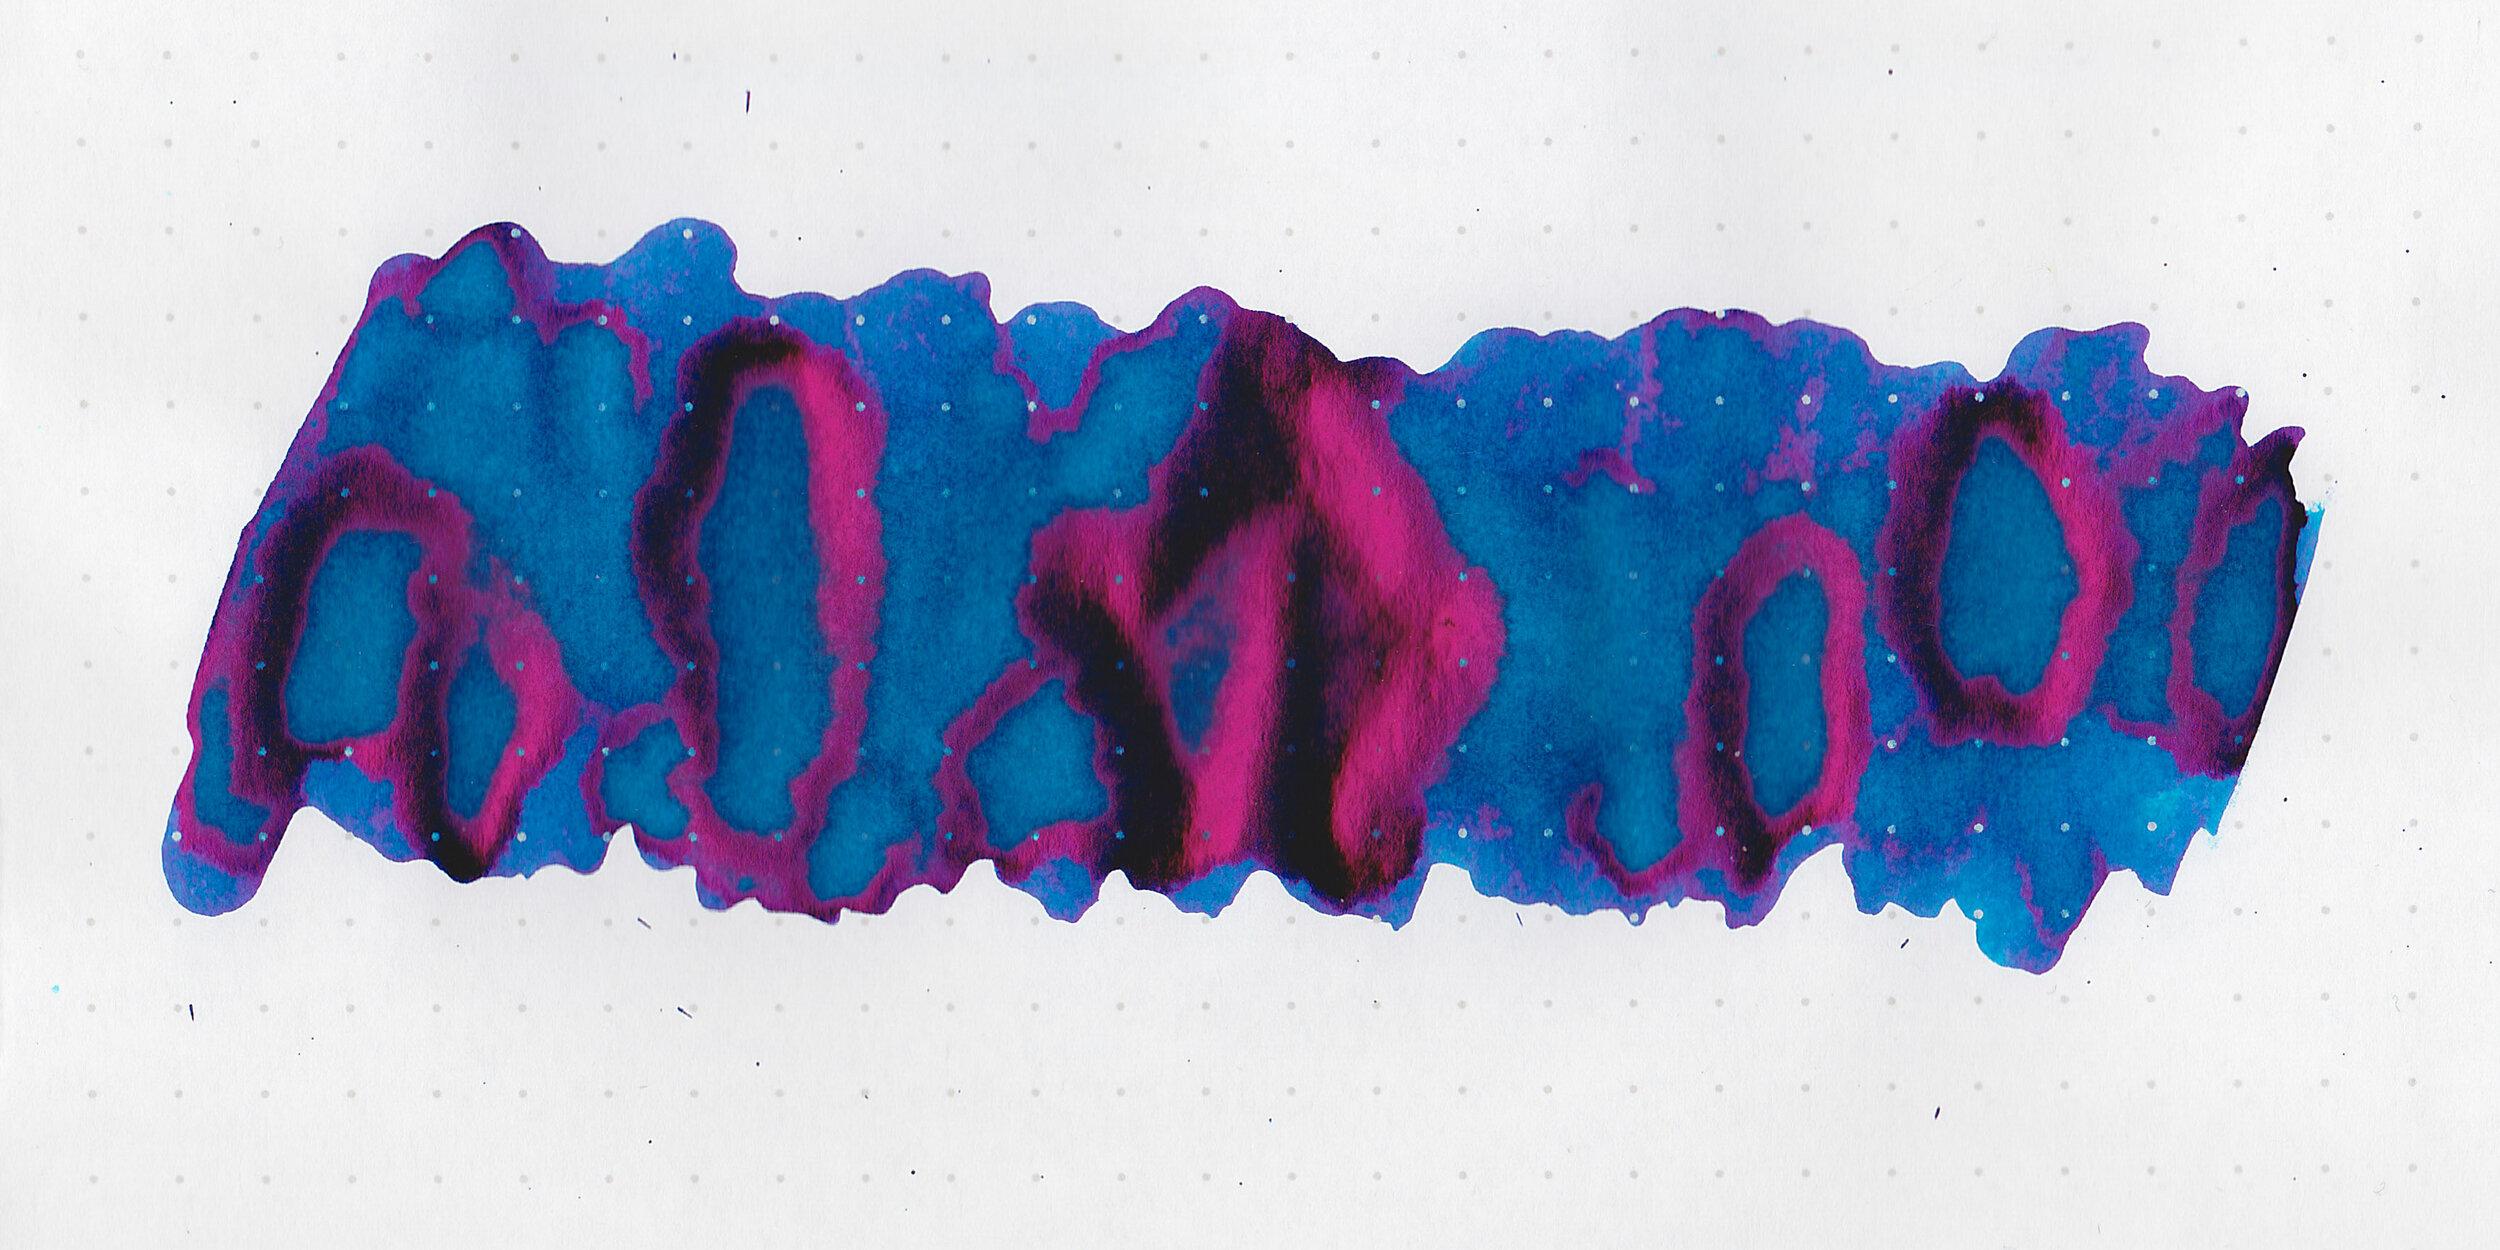 vnt-maharlika-11.jpg